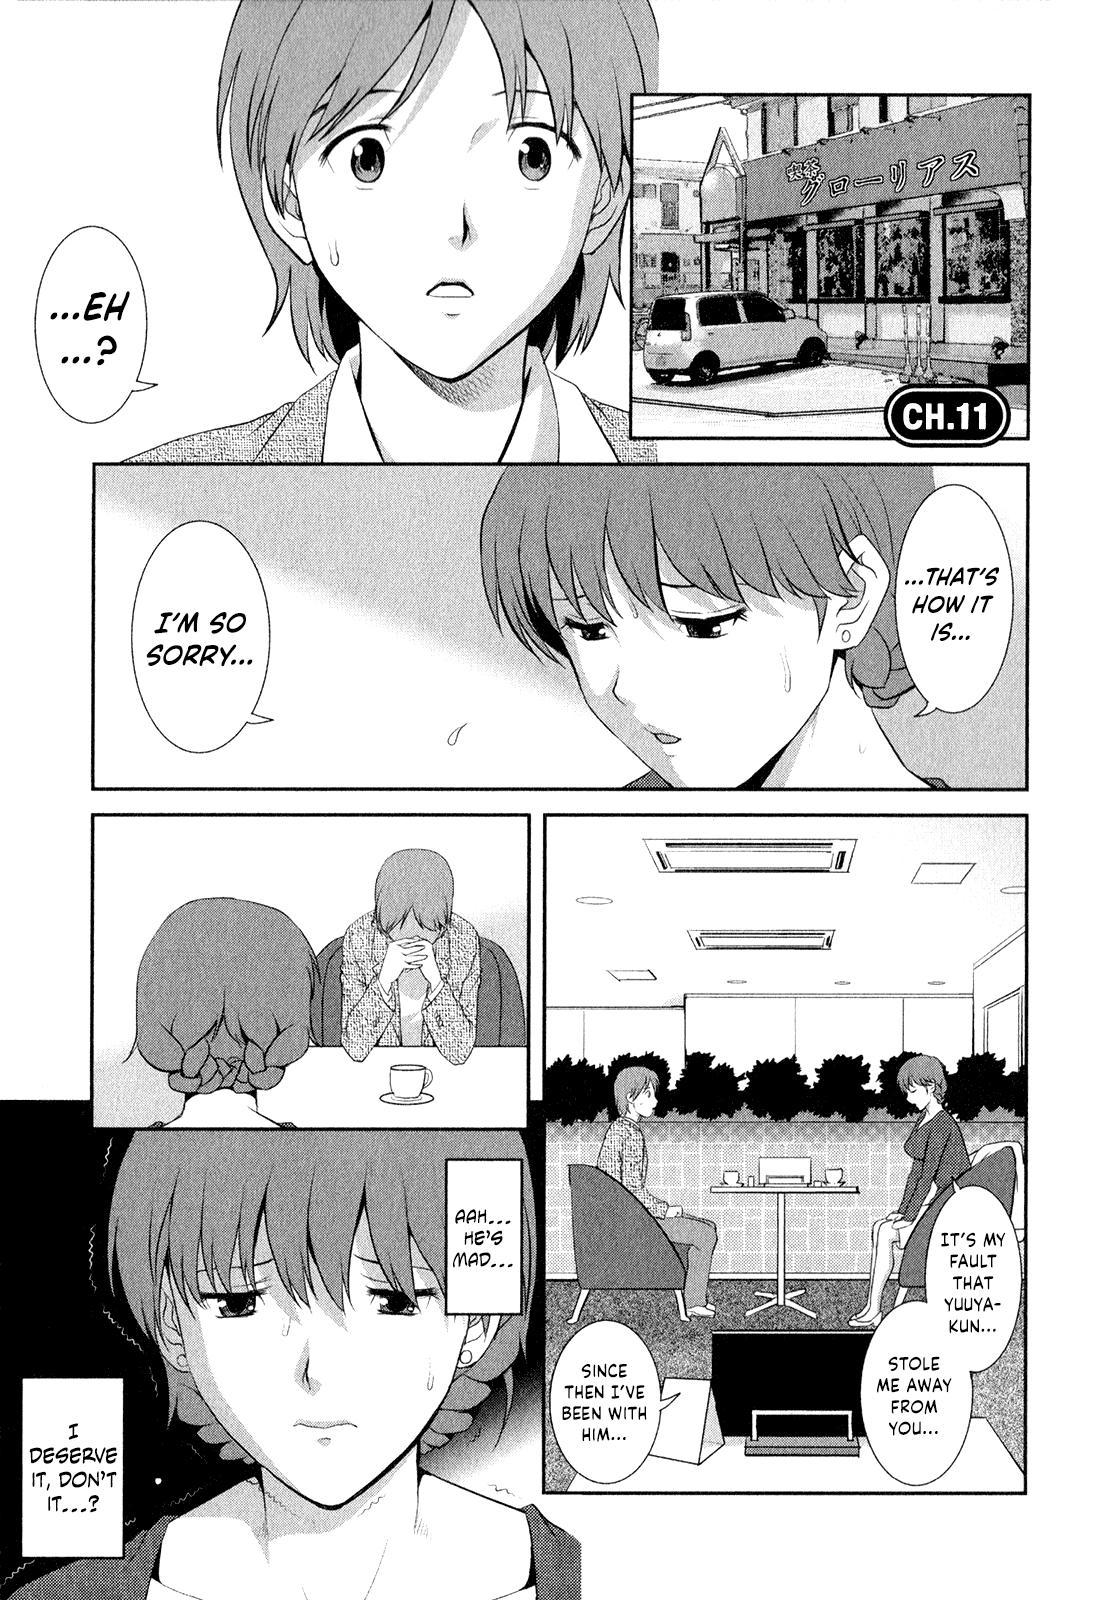 [Saigado] Hitozuma Audrey-san no Himitsu ~30-sai kara no Furyou Tsuma Kouza~ - Vol. 2 Ch. 9~12 [English] {Hennojin} 49